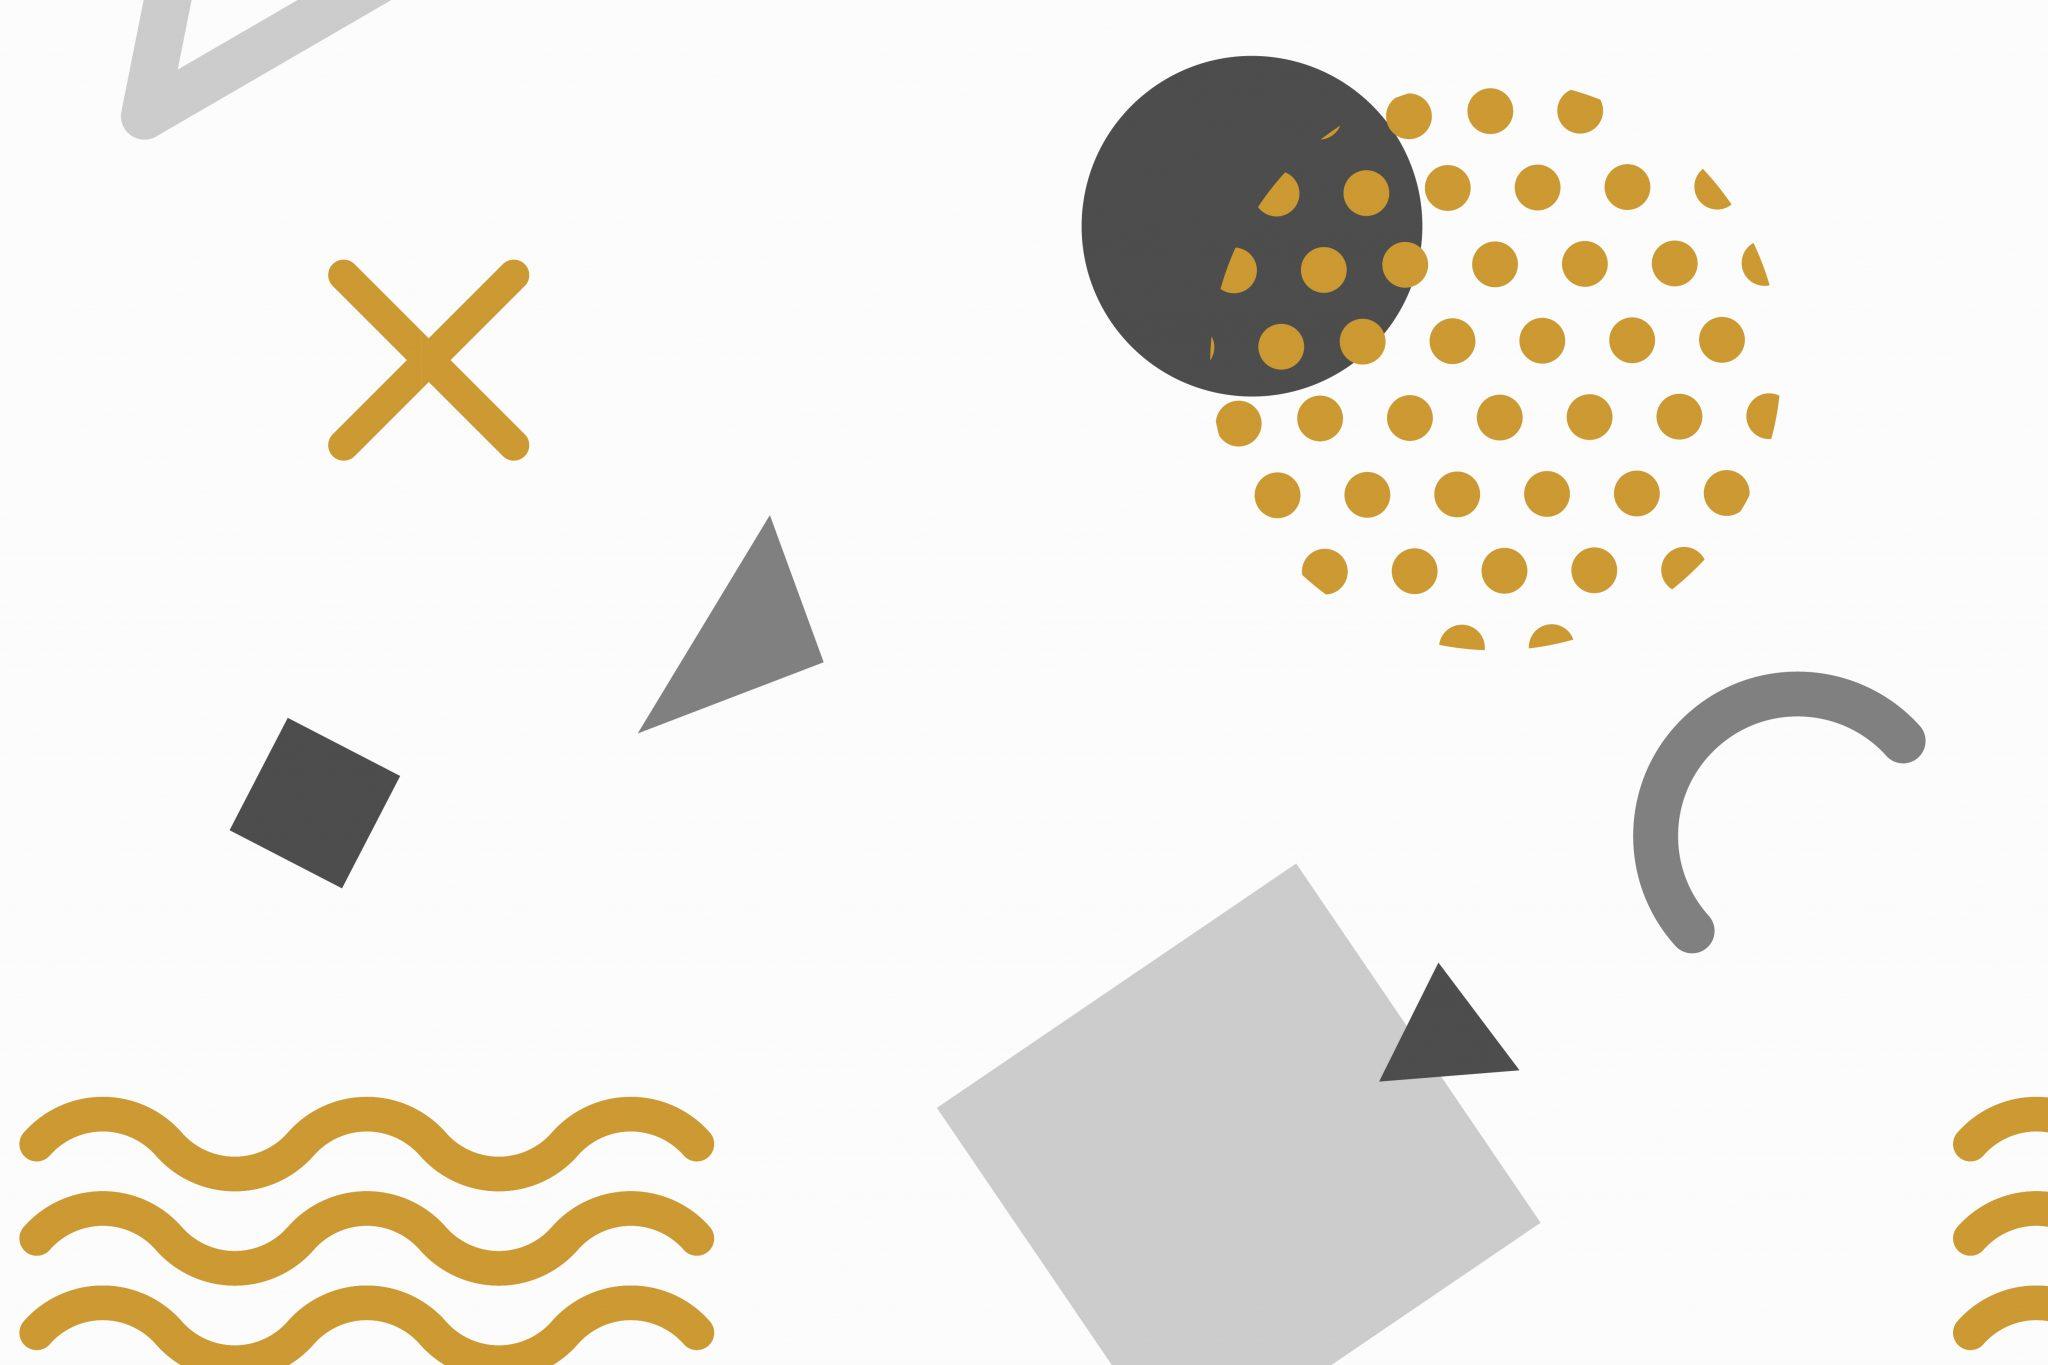 تصویر در ۵ ترند الهام بخش گرافیک دیزاین در سال ۲۰۱۹